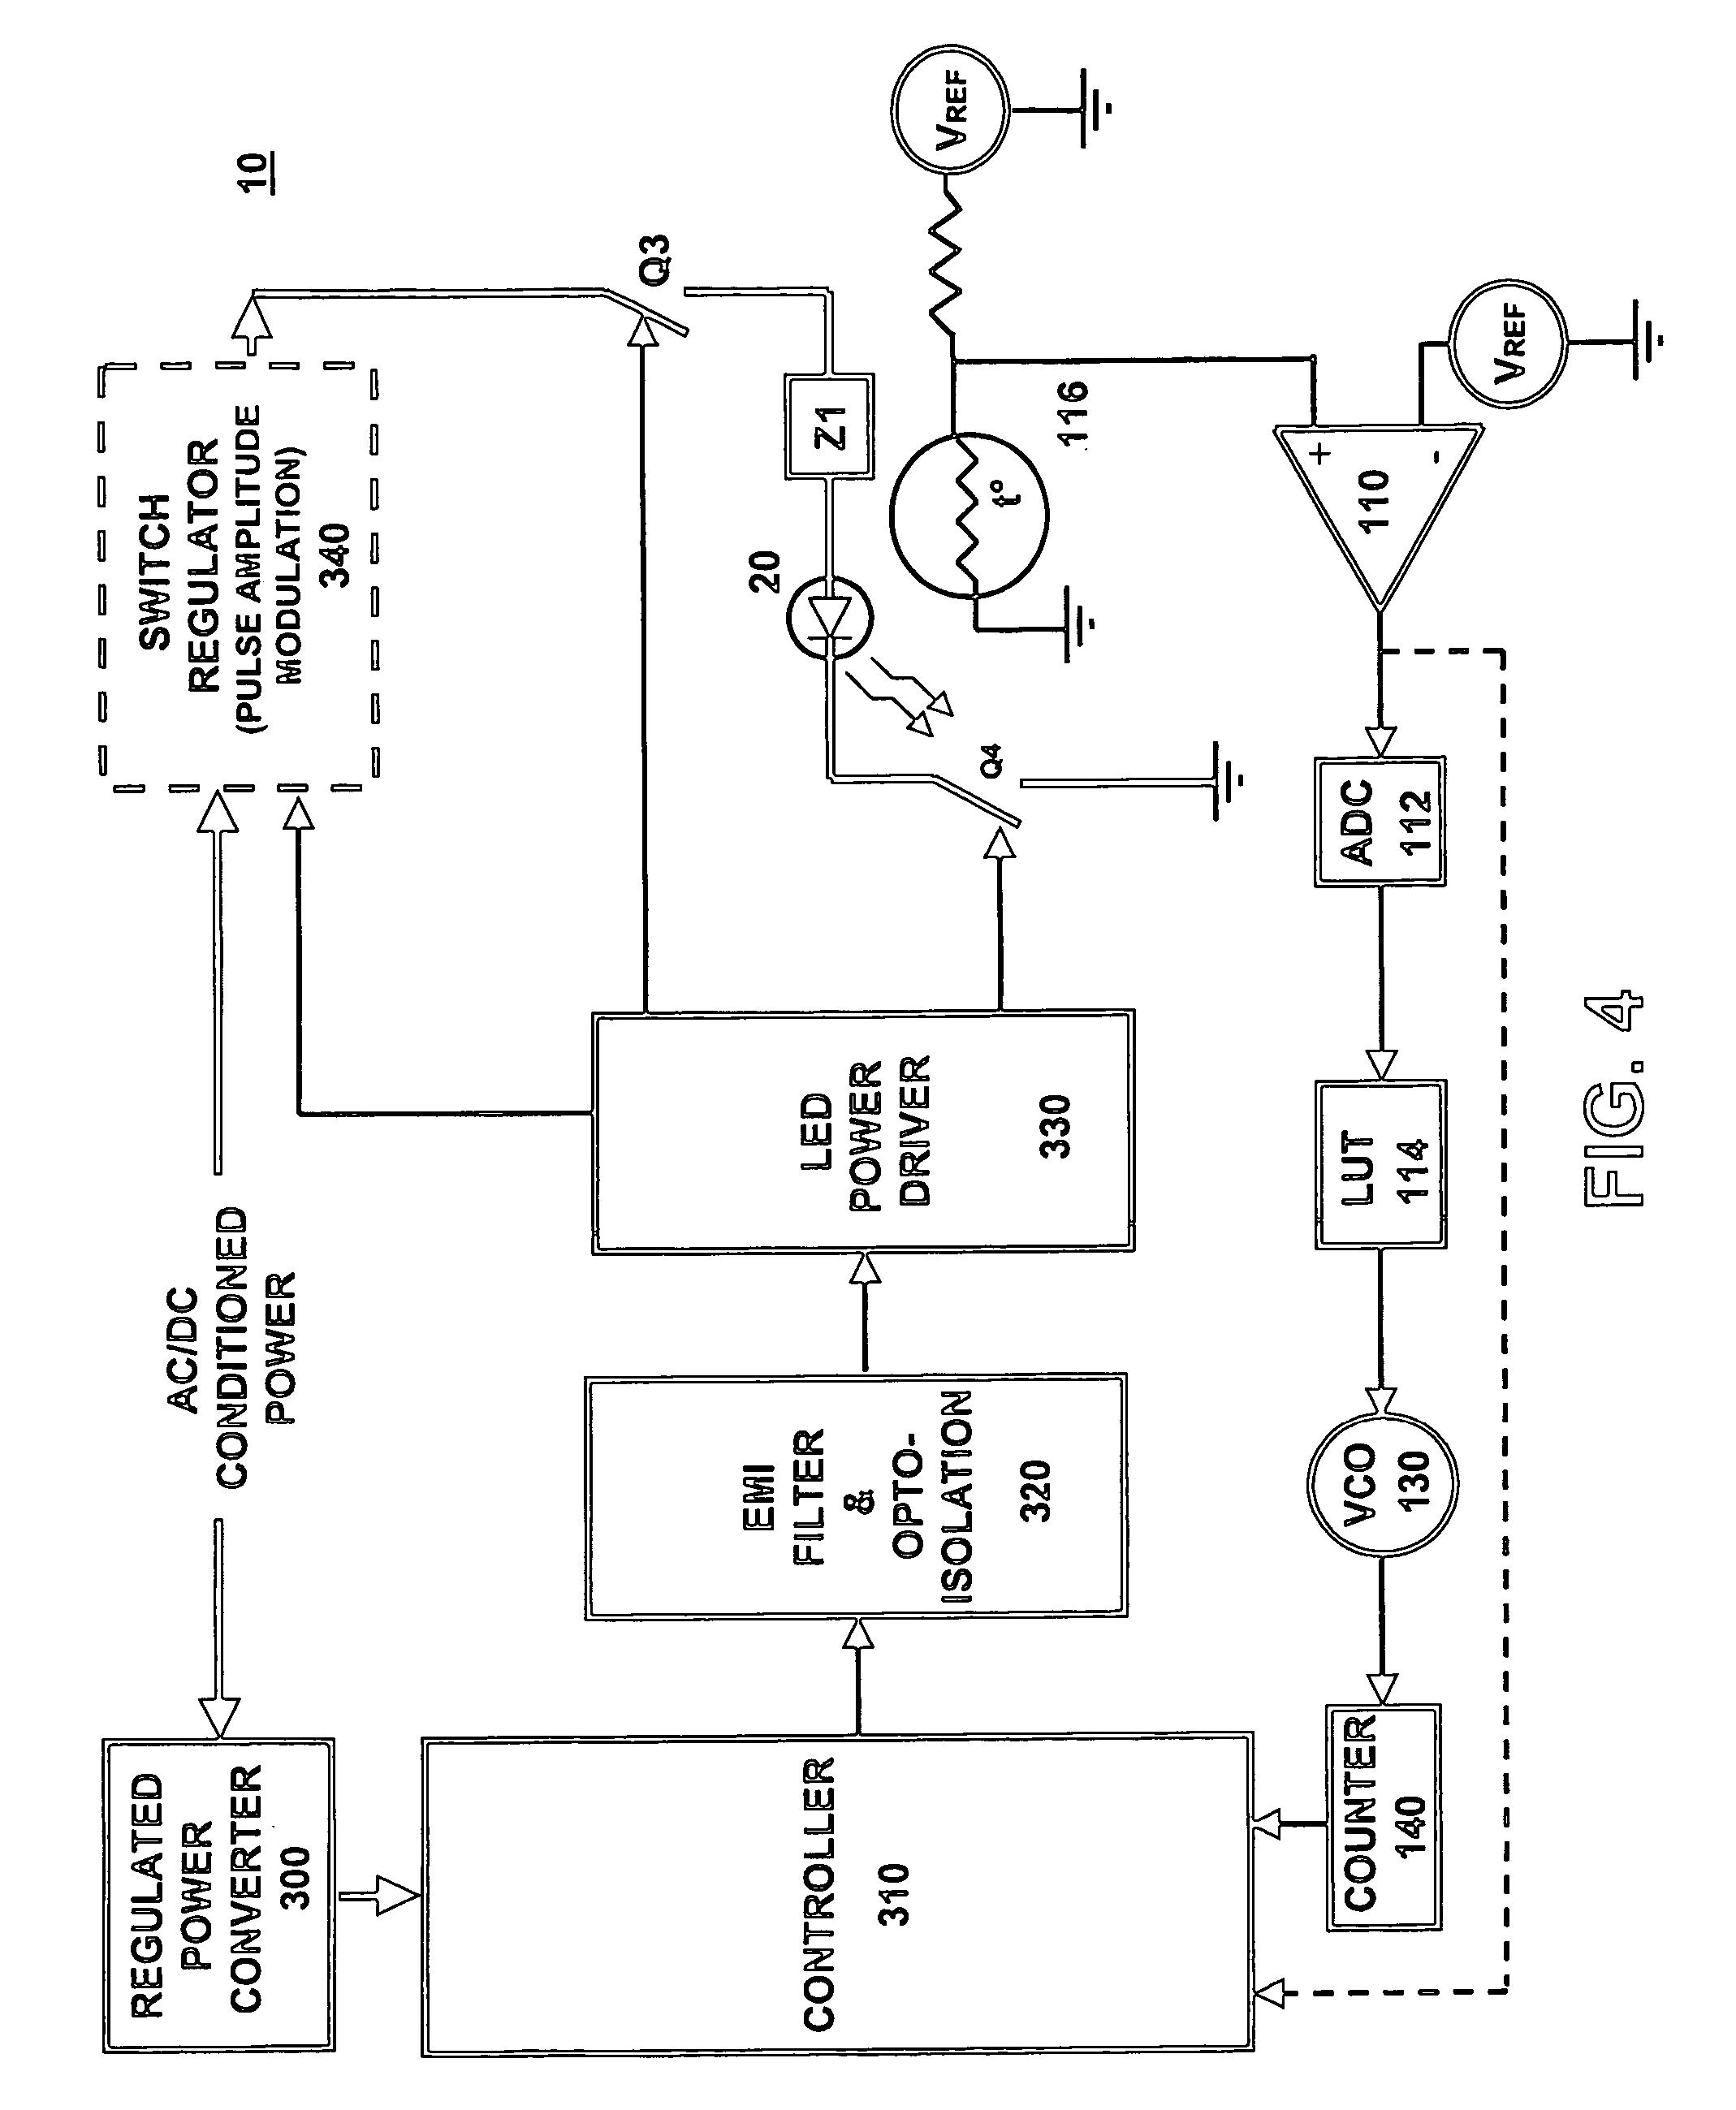 patent us7391335